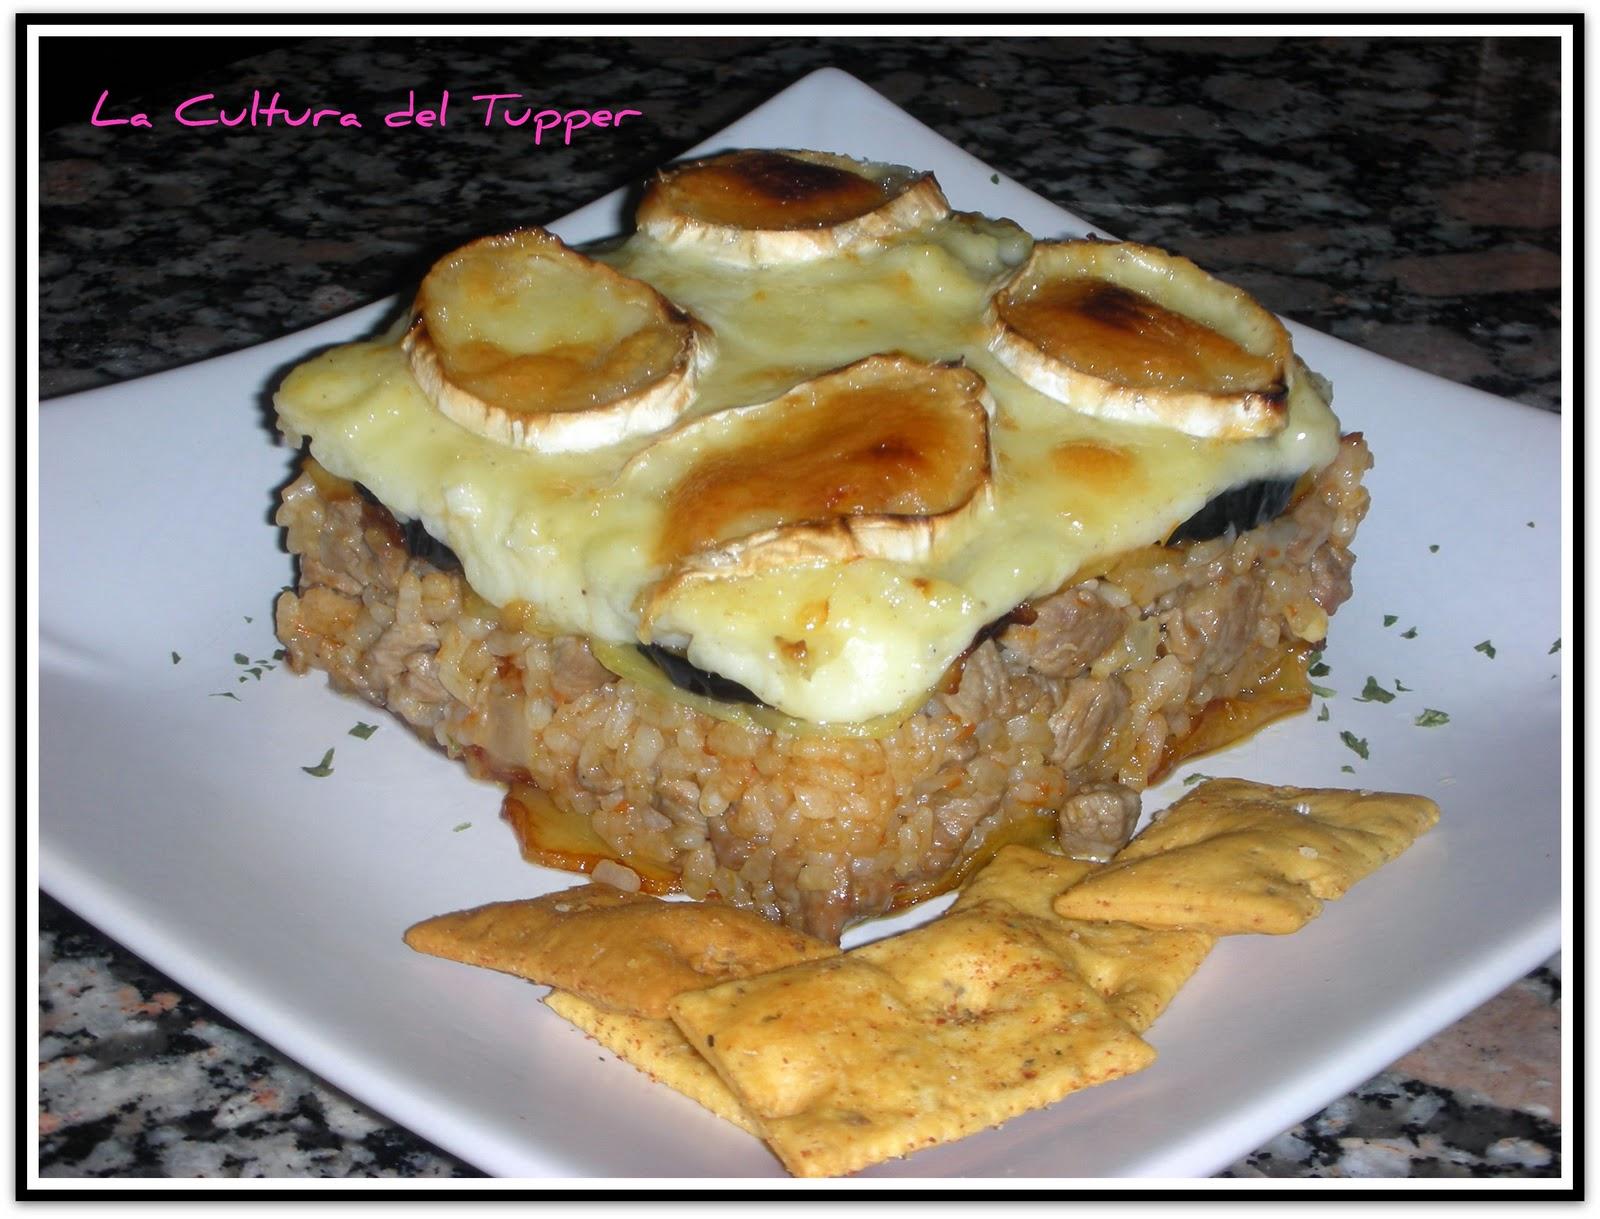 Mousaka aragonesa de arroz y ternasco de arag n la for Cocina aragonesa zaragoza